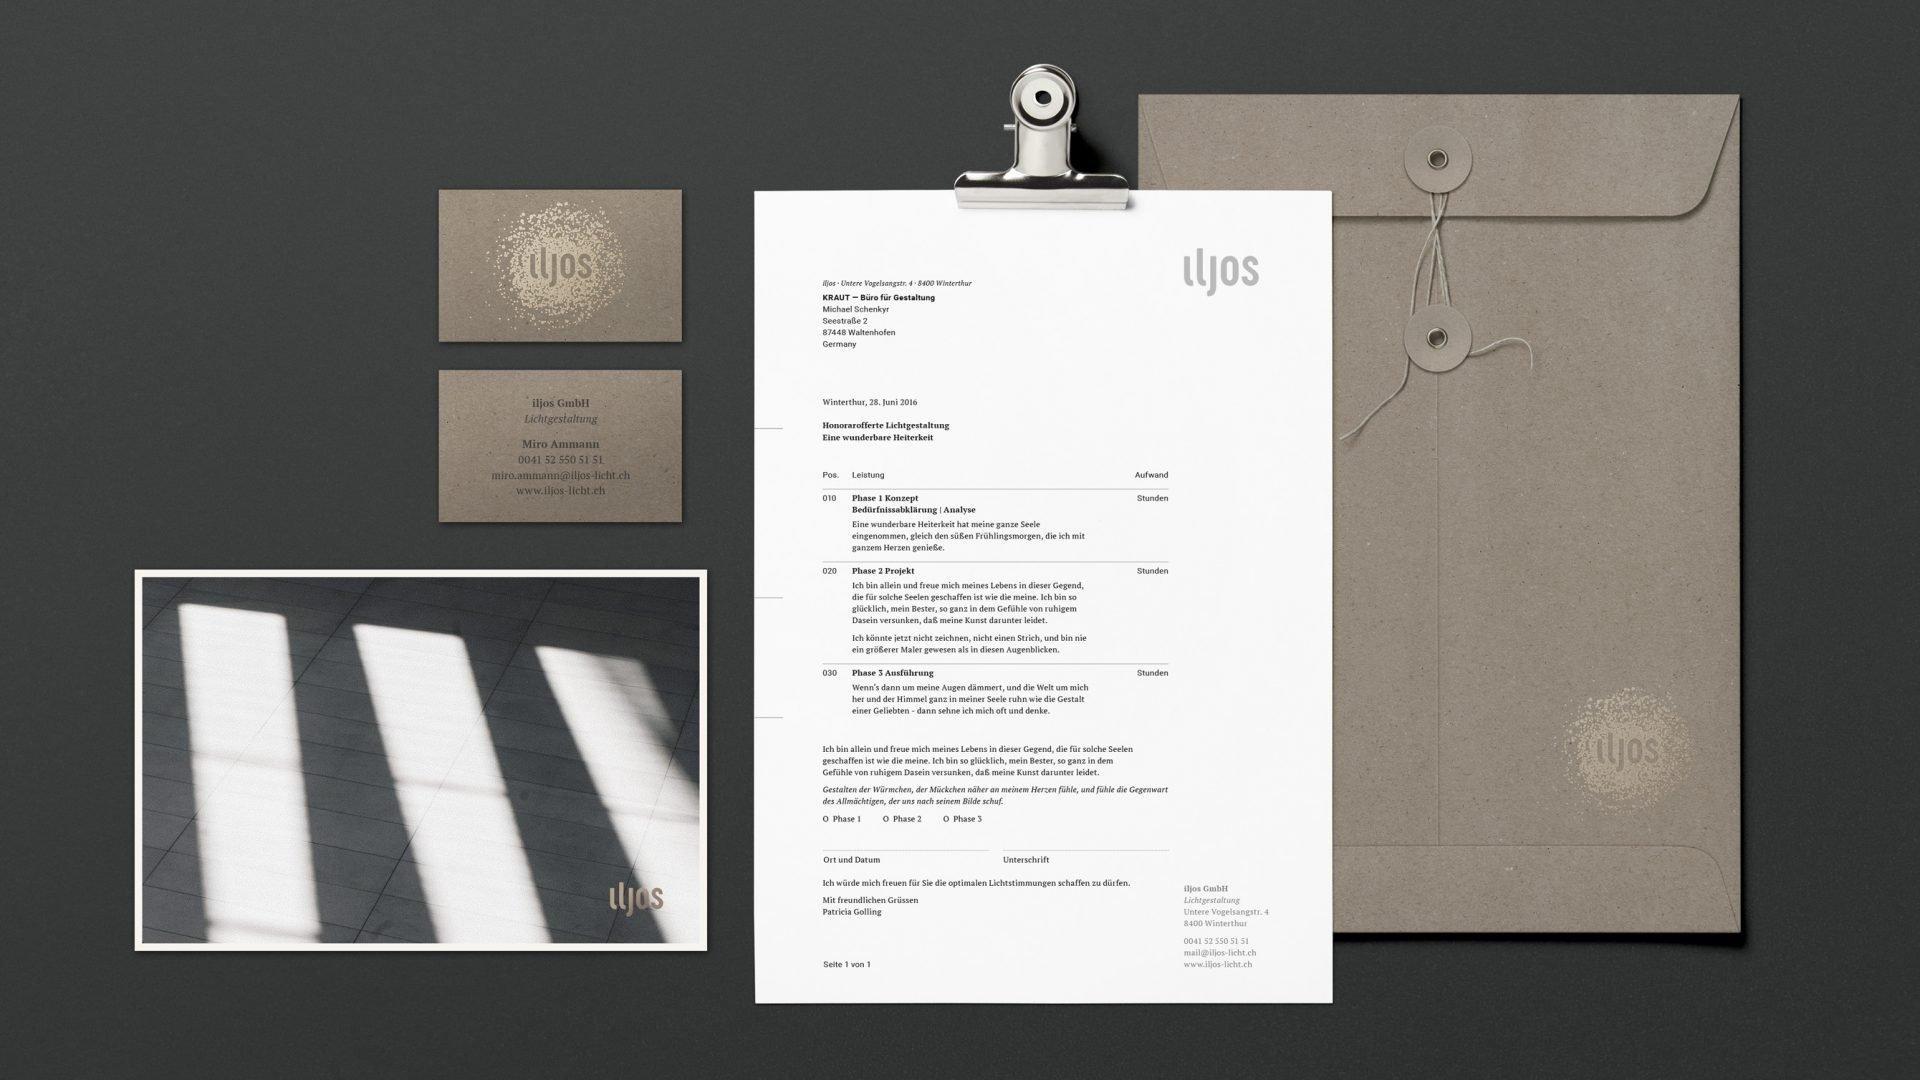 iljos Corporate Design mit Logo, Visitenkarte, Briefbogen und Umschlag, Postkarte